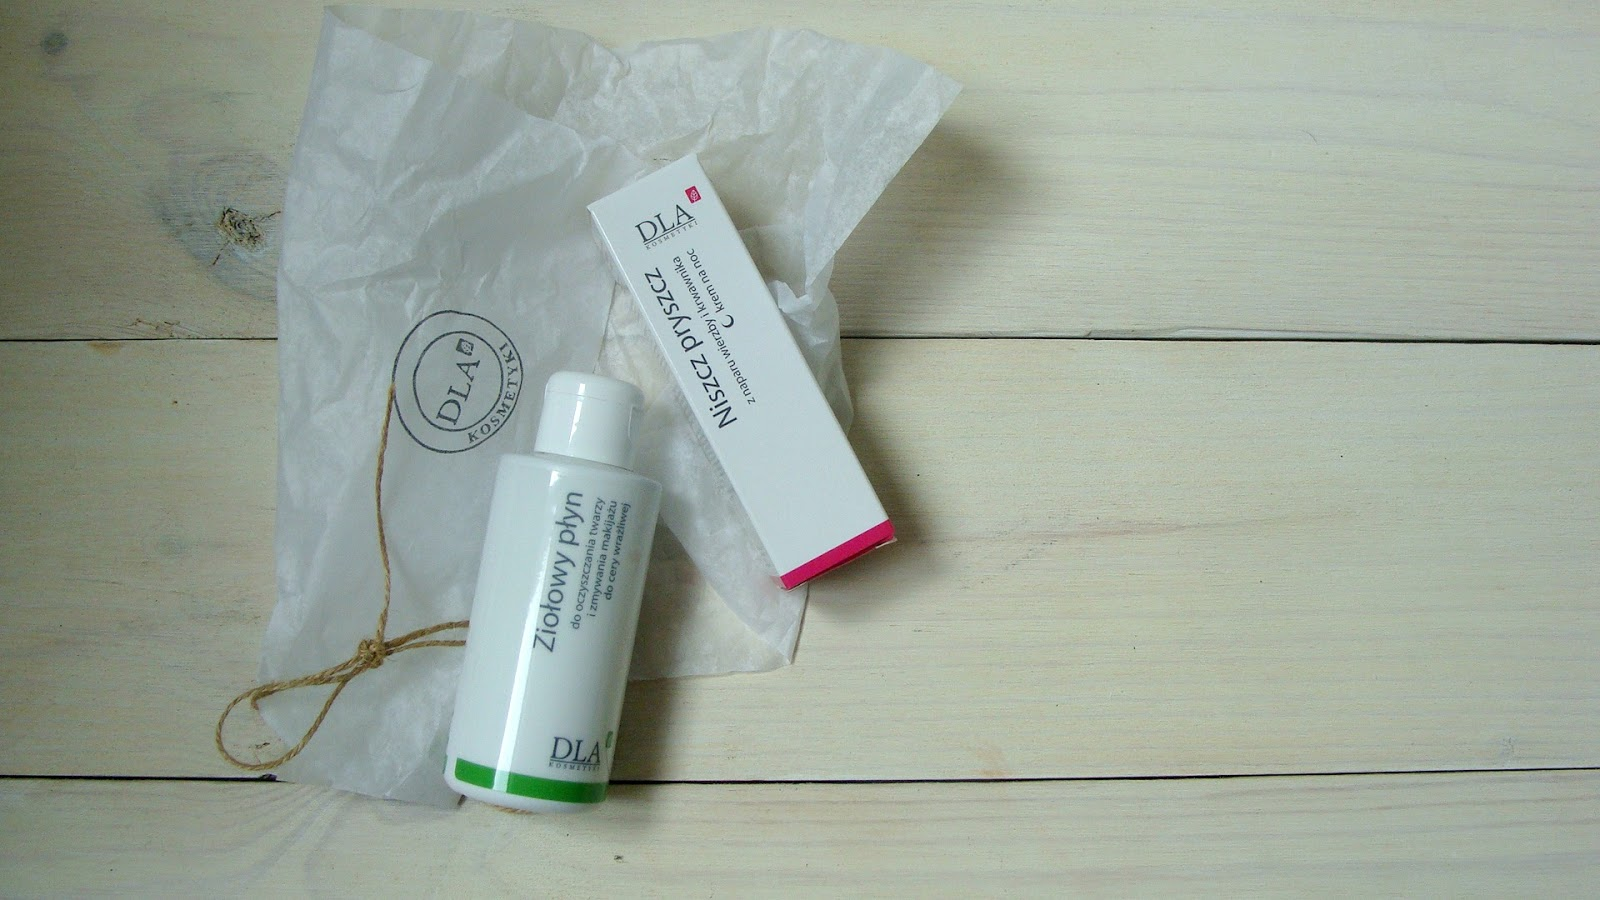 Kosmetyki DLA, ziołowy płyn do oczyszczania twarzy kosmetyki DLA, krem na noc niszcz pryszcz kosmetyki DLA